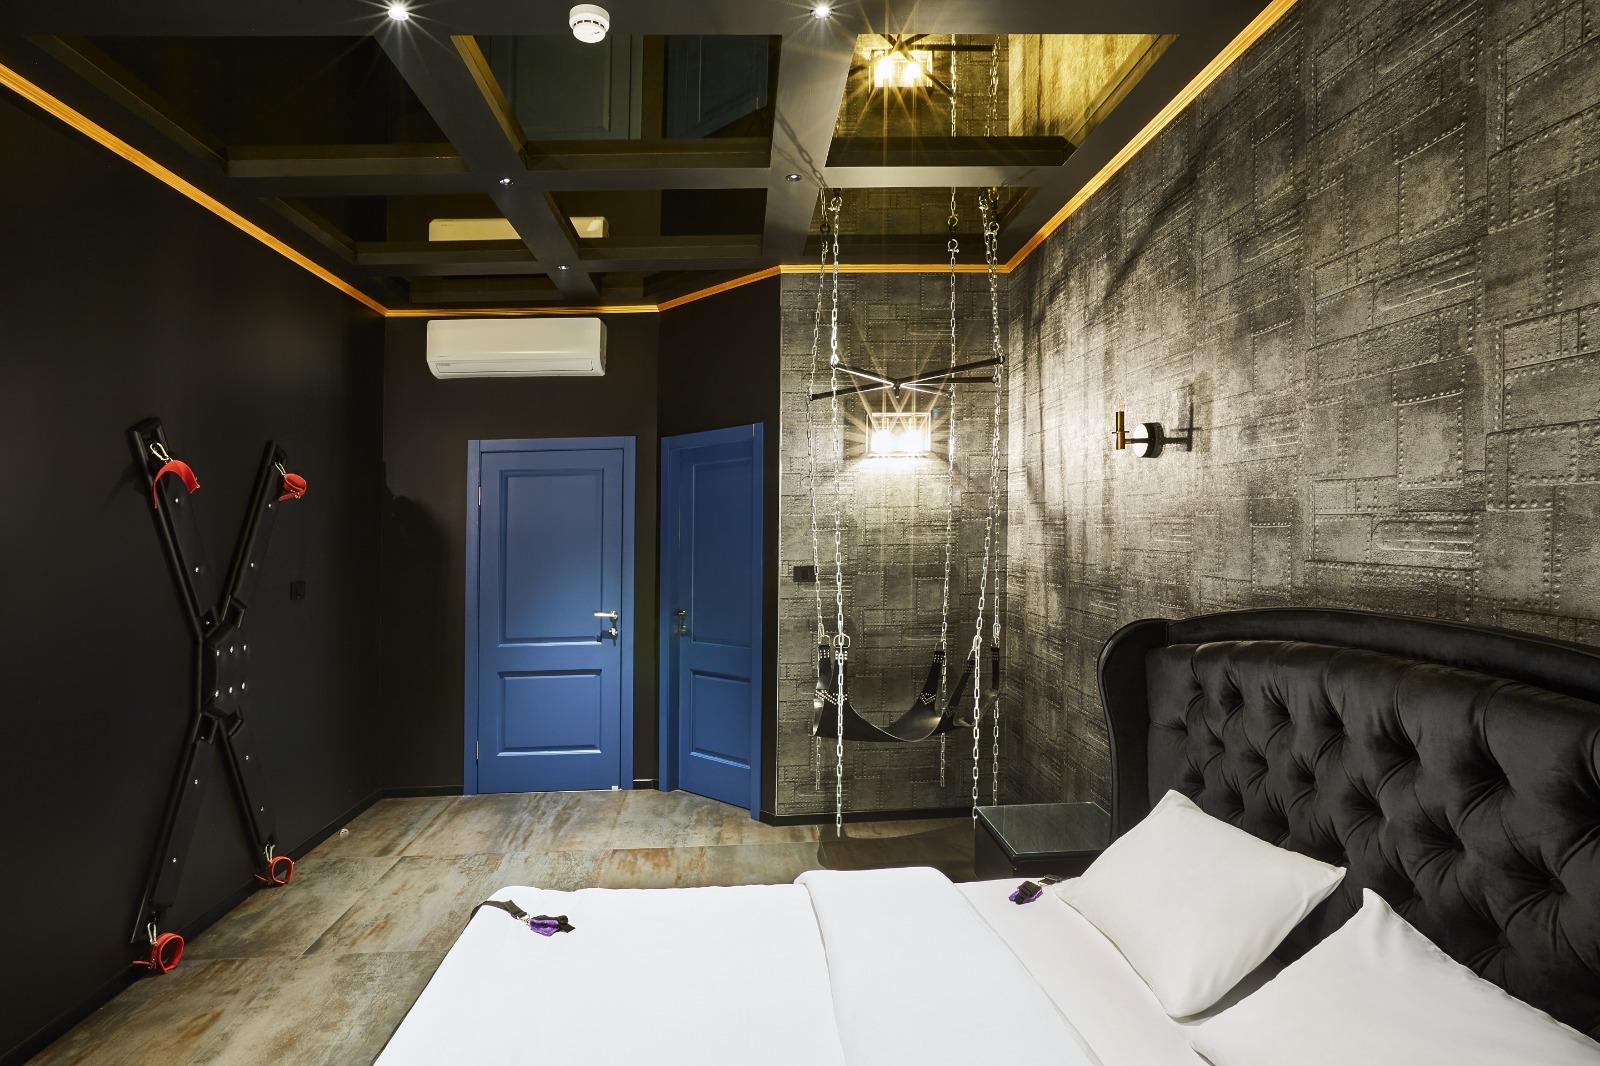 חדר במלון גראף בראשון לציון מיטה נדנדה מכשיר קשירה ודלתות כחולות